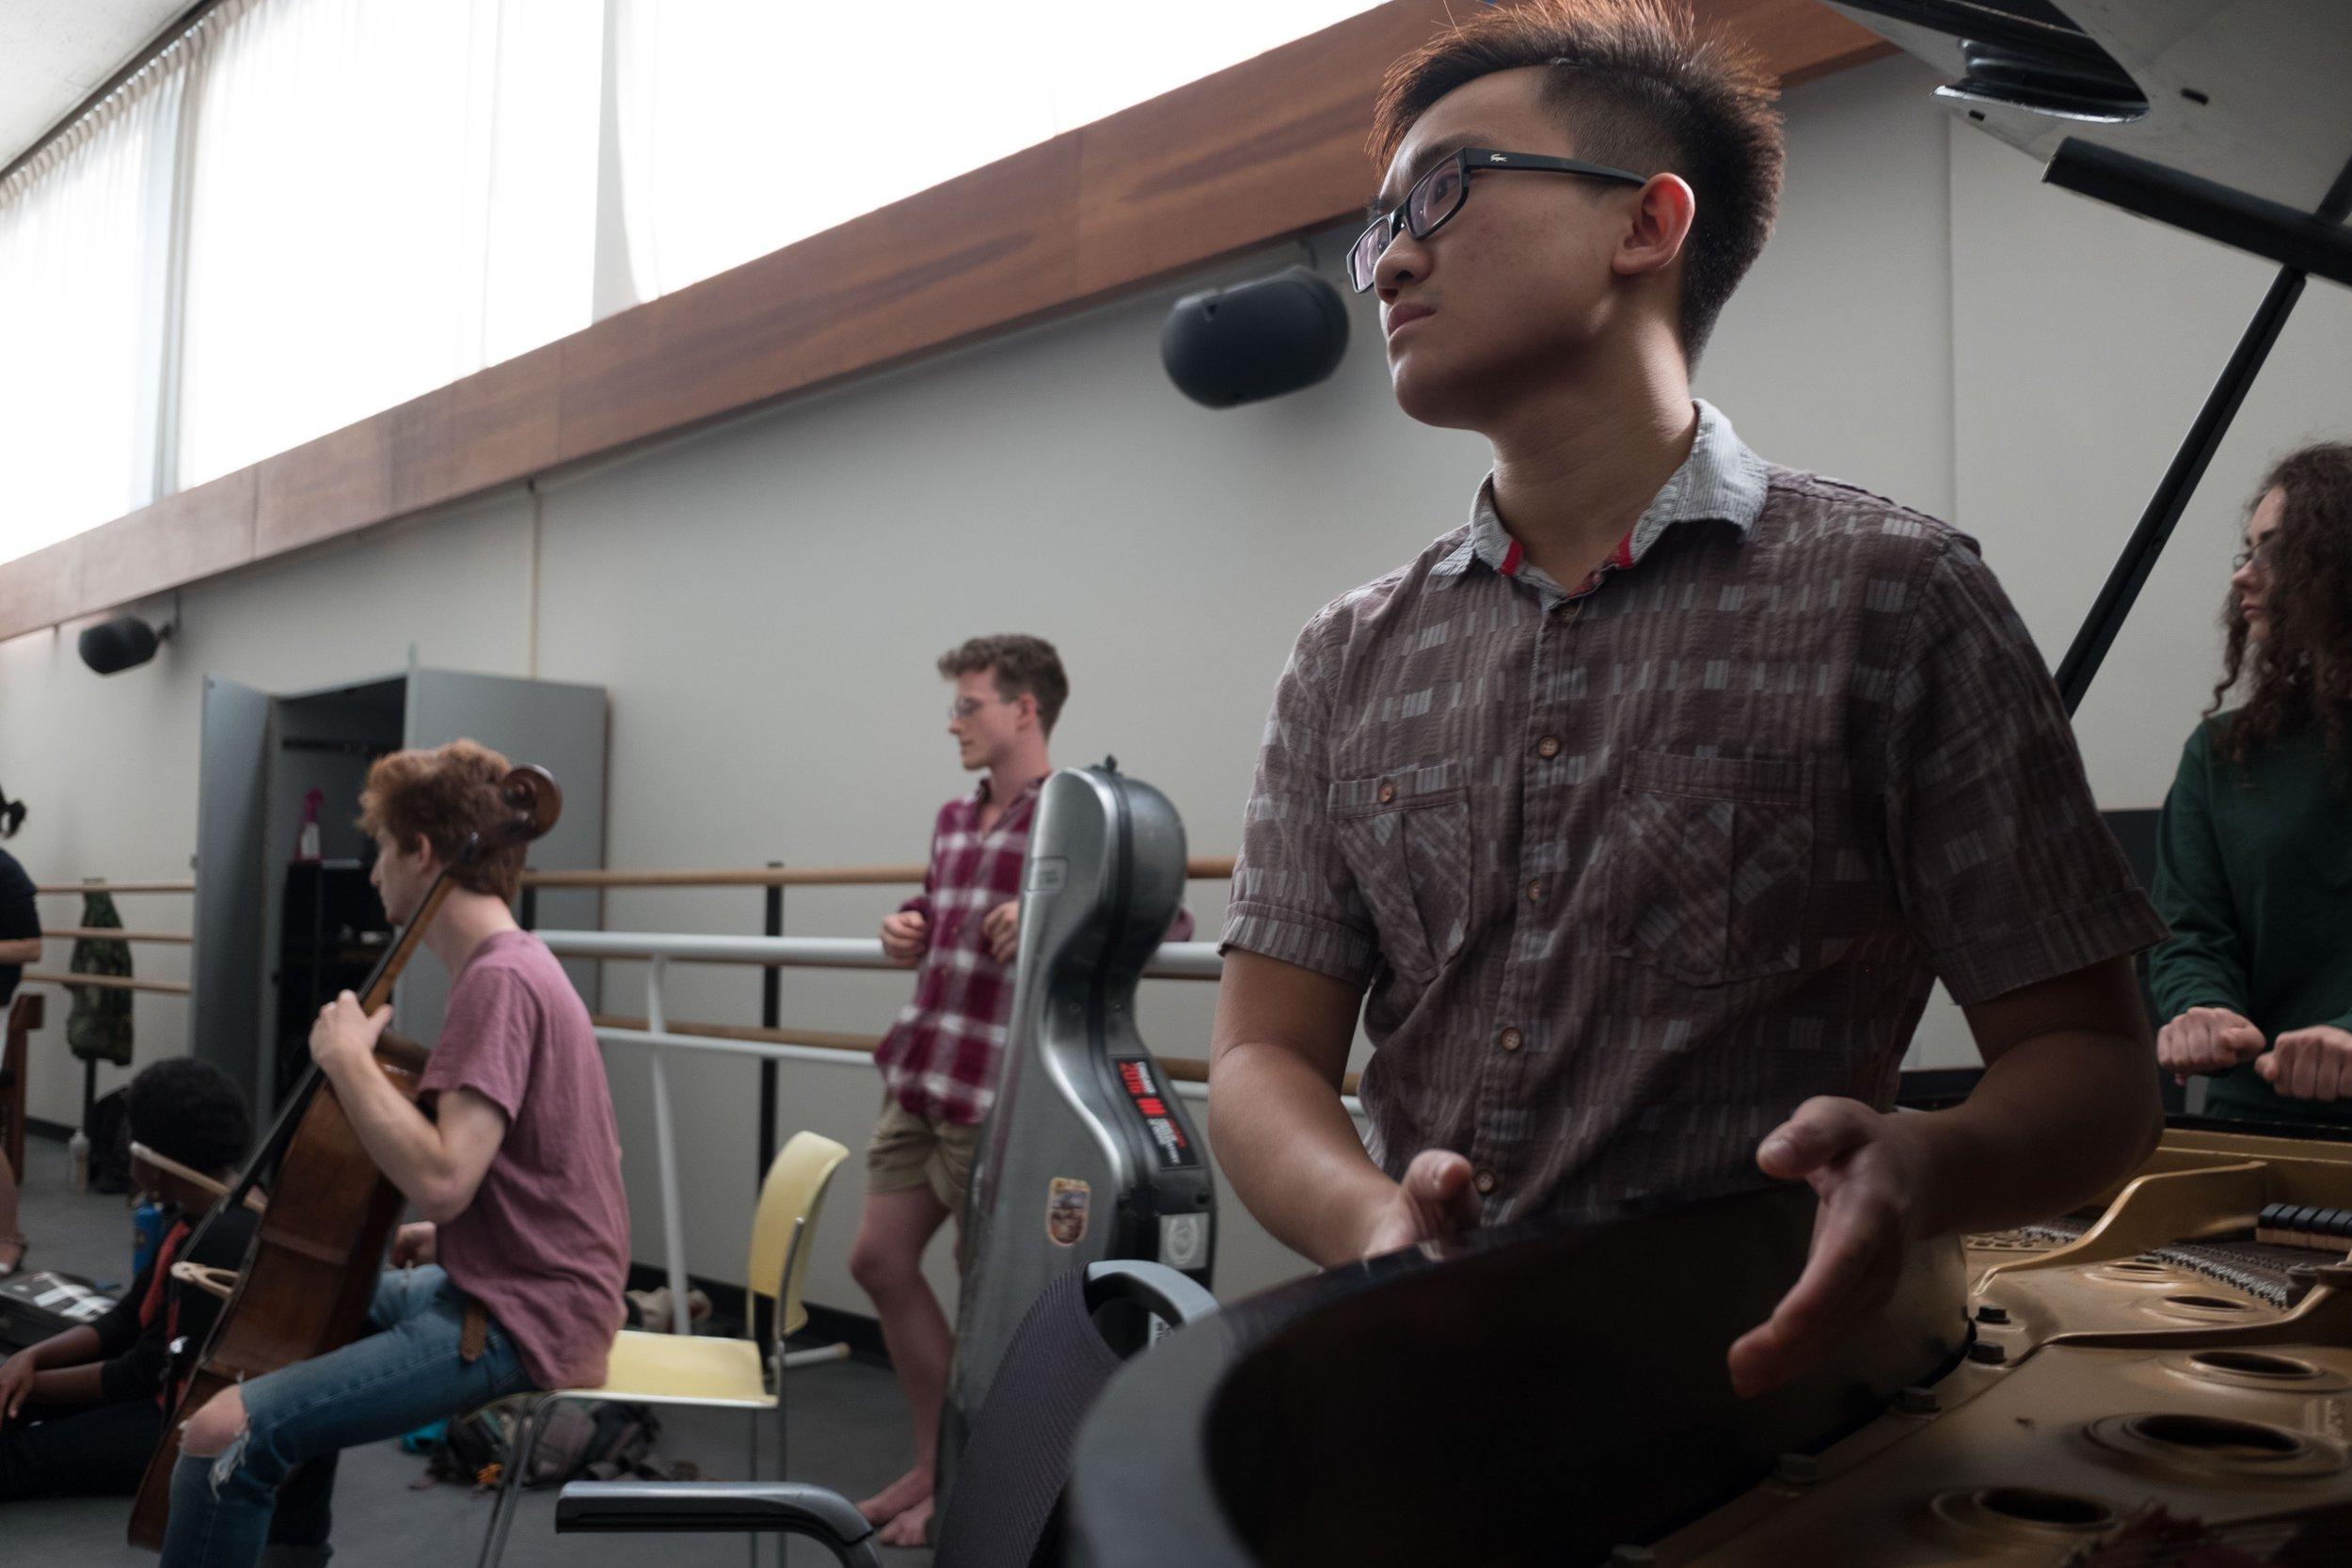 2017 Improvisation jam at the Juilliard School